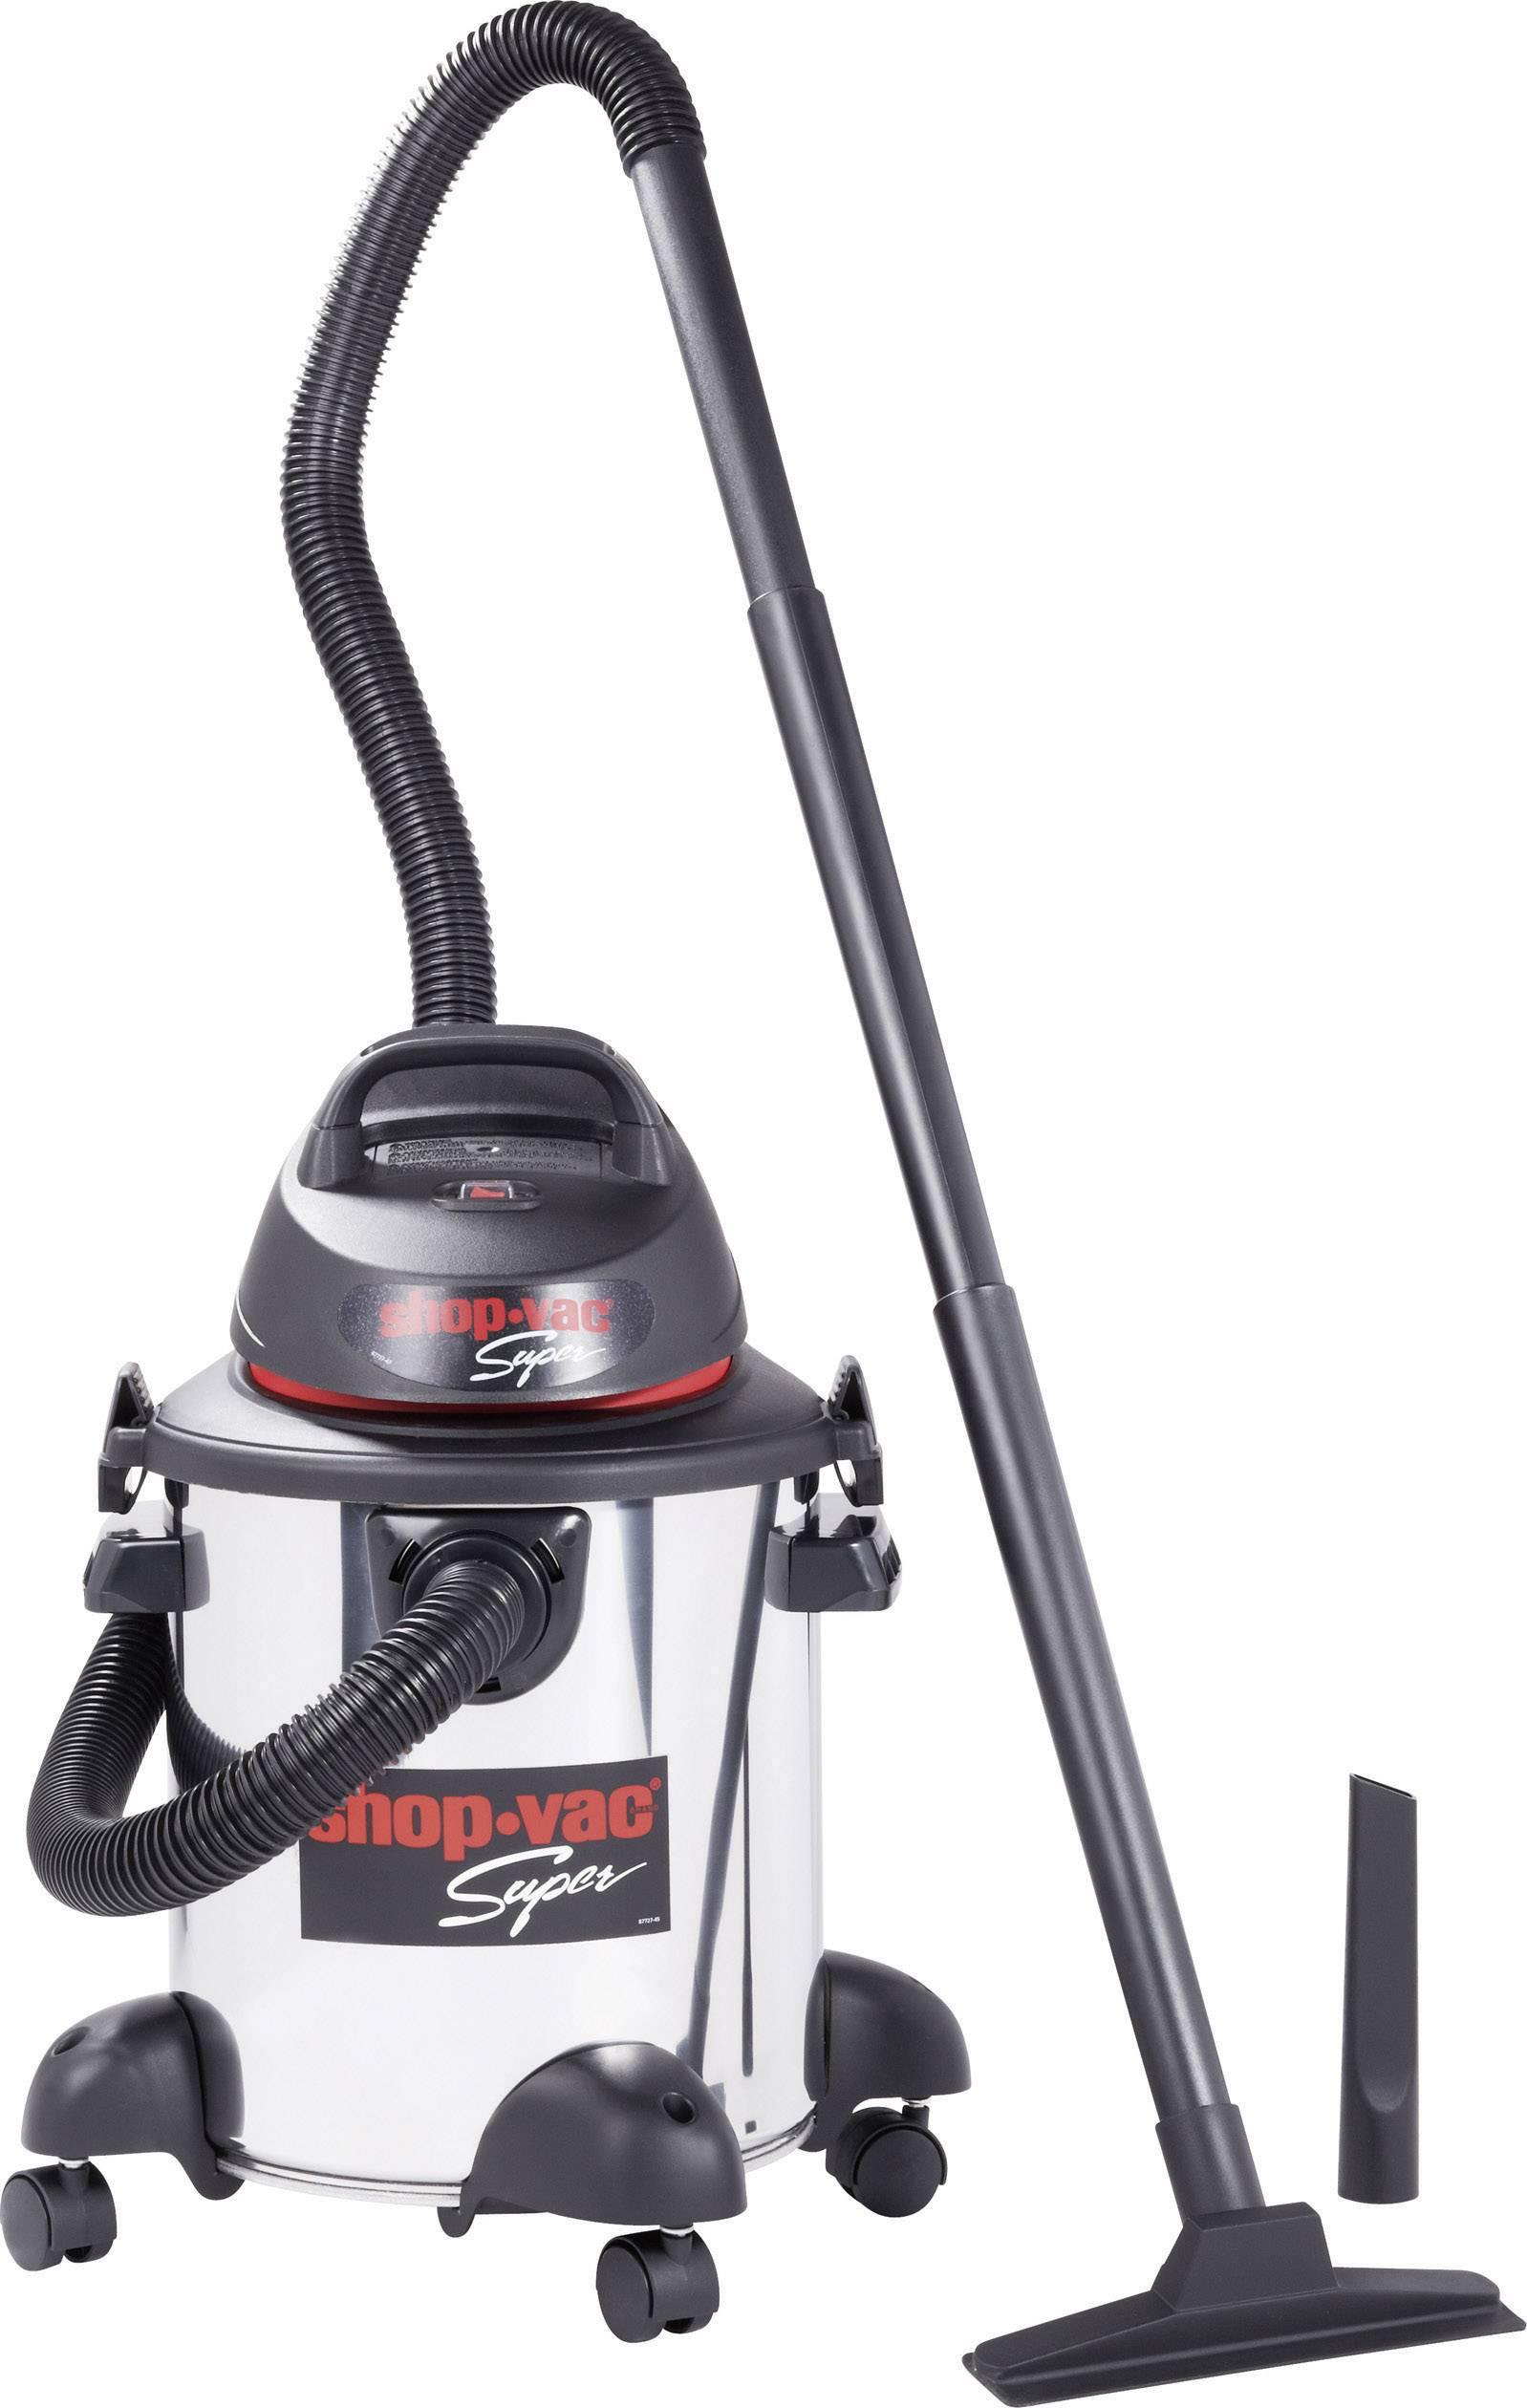 Vysávač na mokré a suché vysávanie ShopVac Super 1300, 1300 W, 20 l, nerez